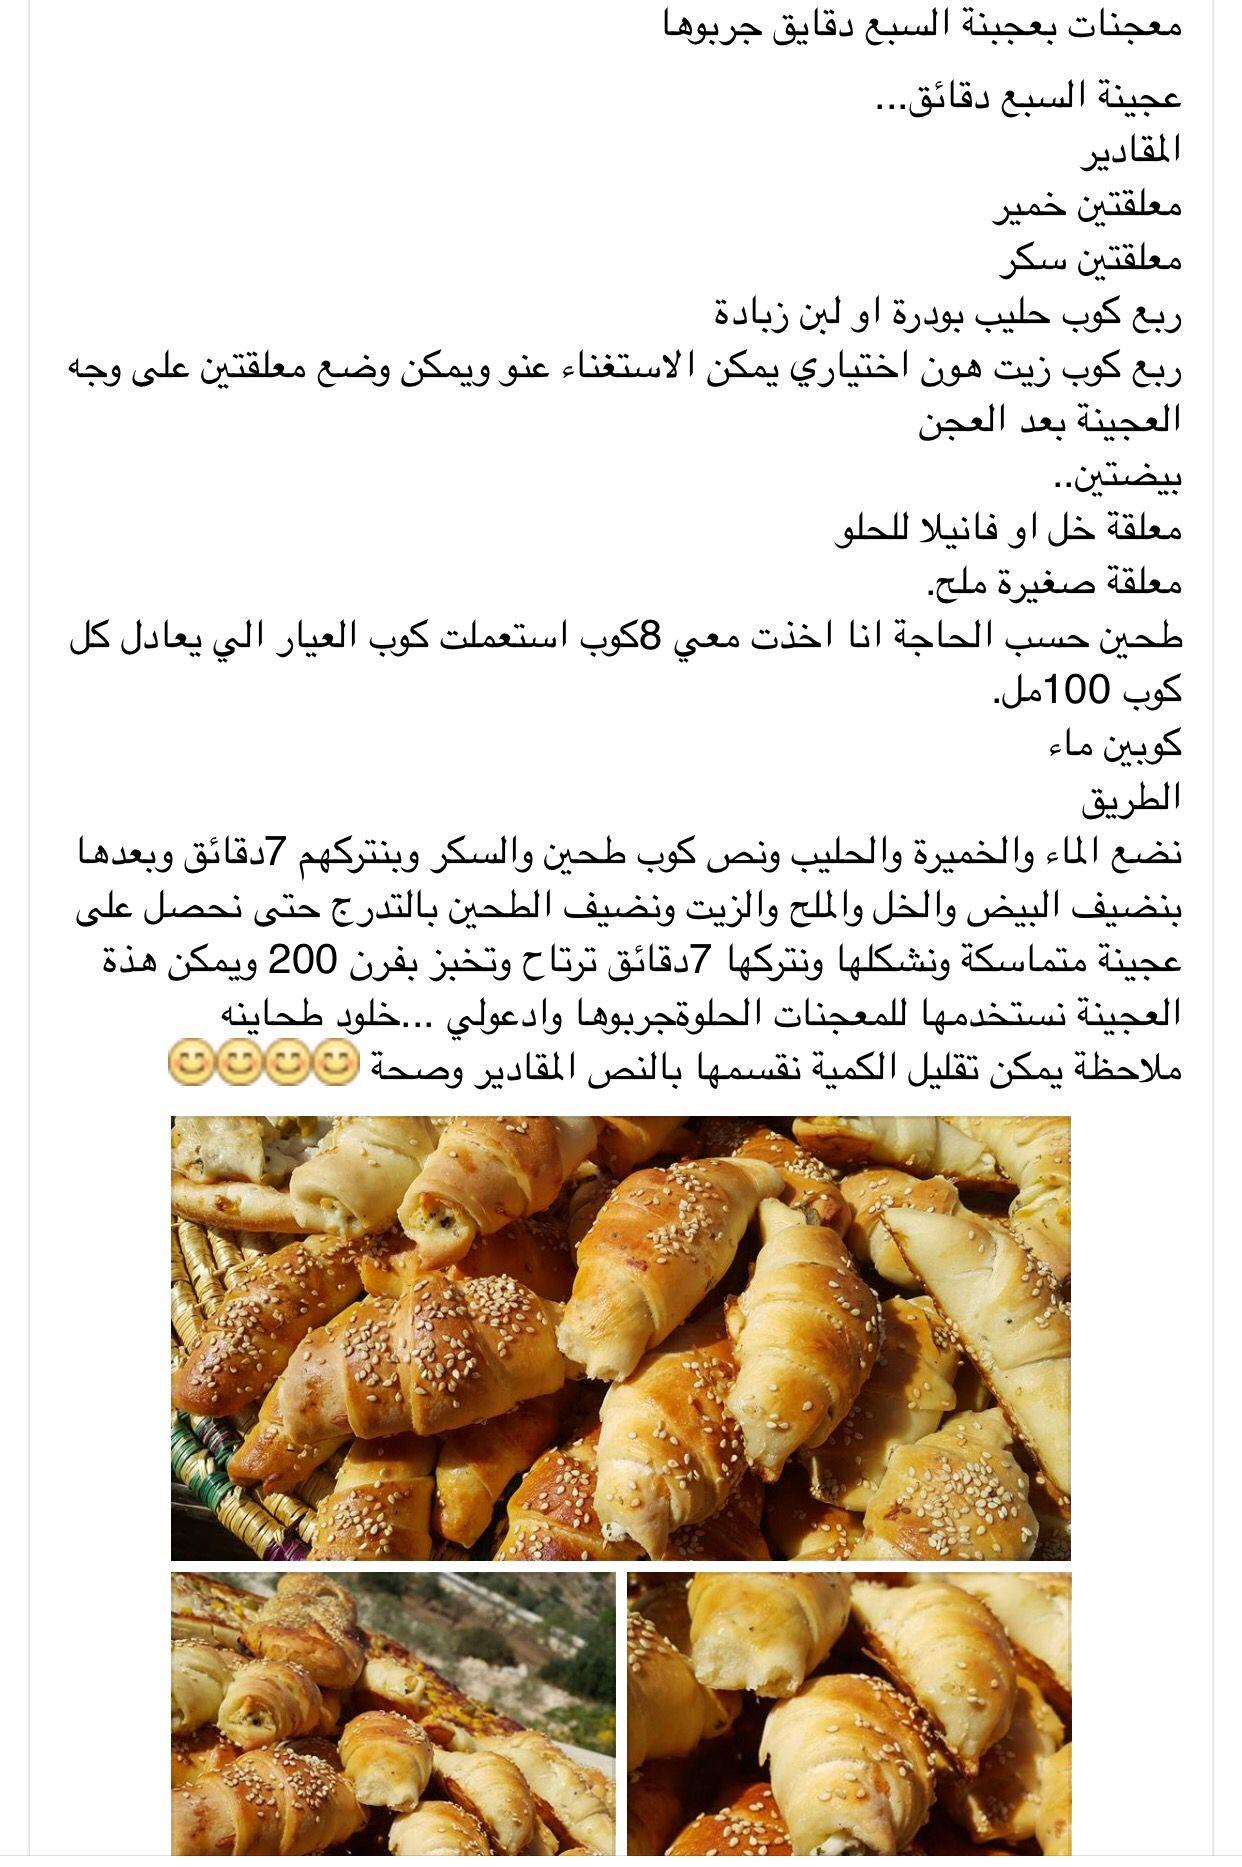 عجينة سريعة Cooking Food Arabic Food